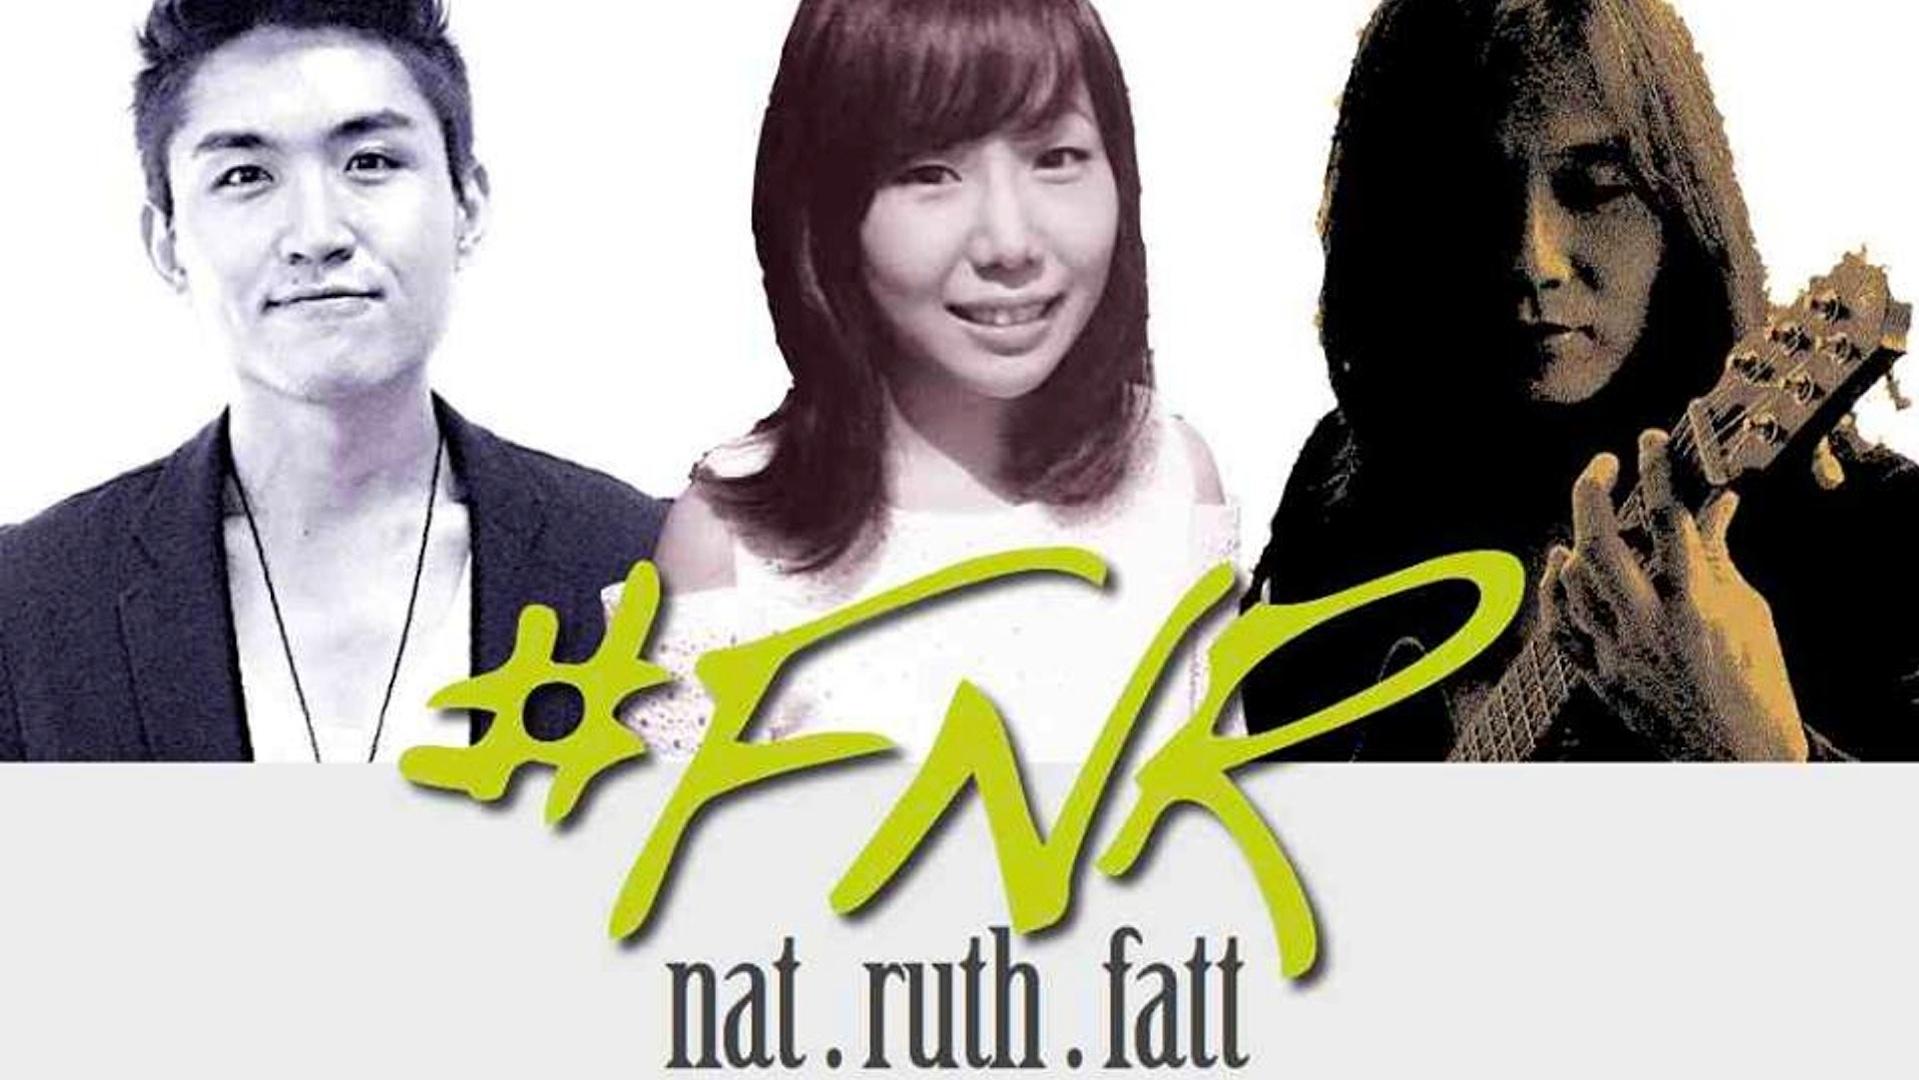 Ruth, Fatt & Nat